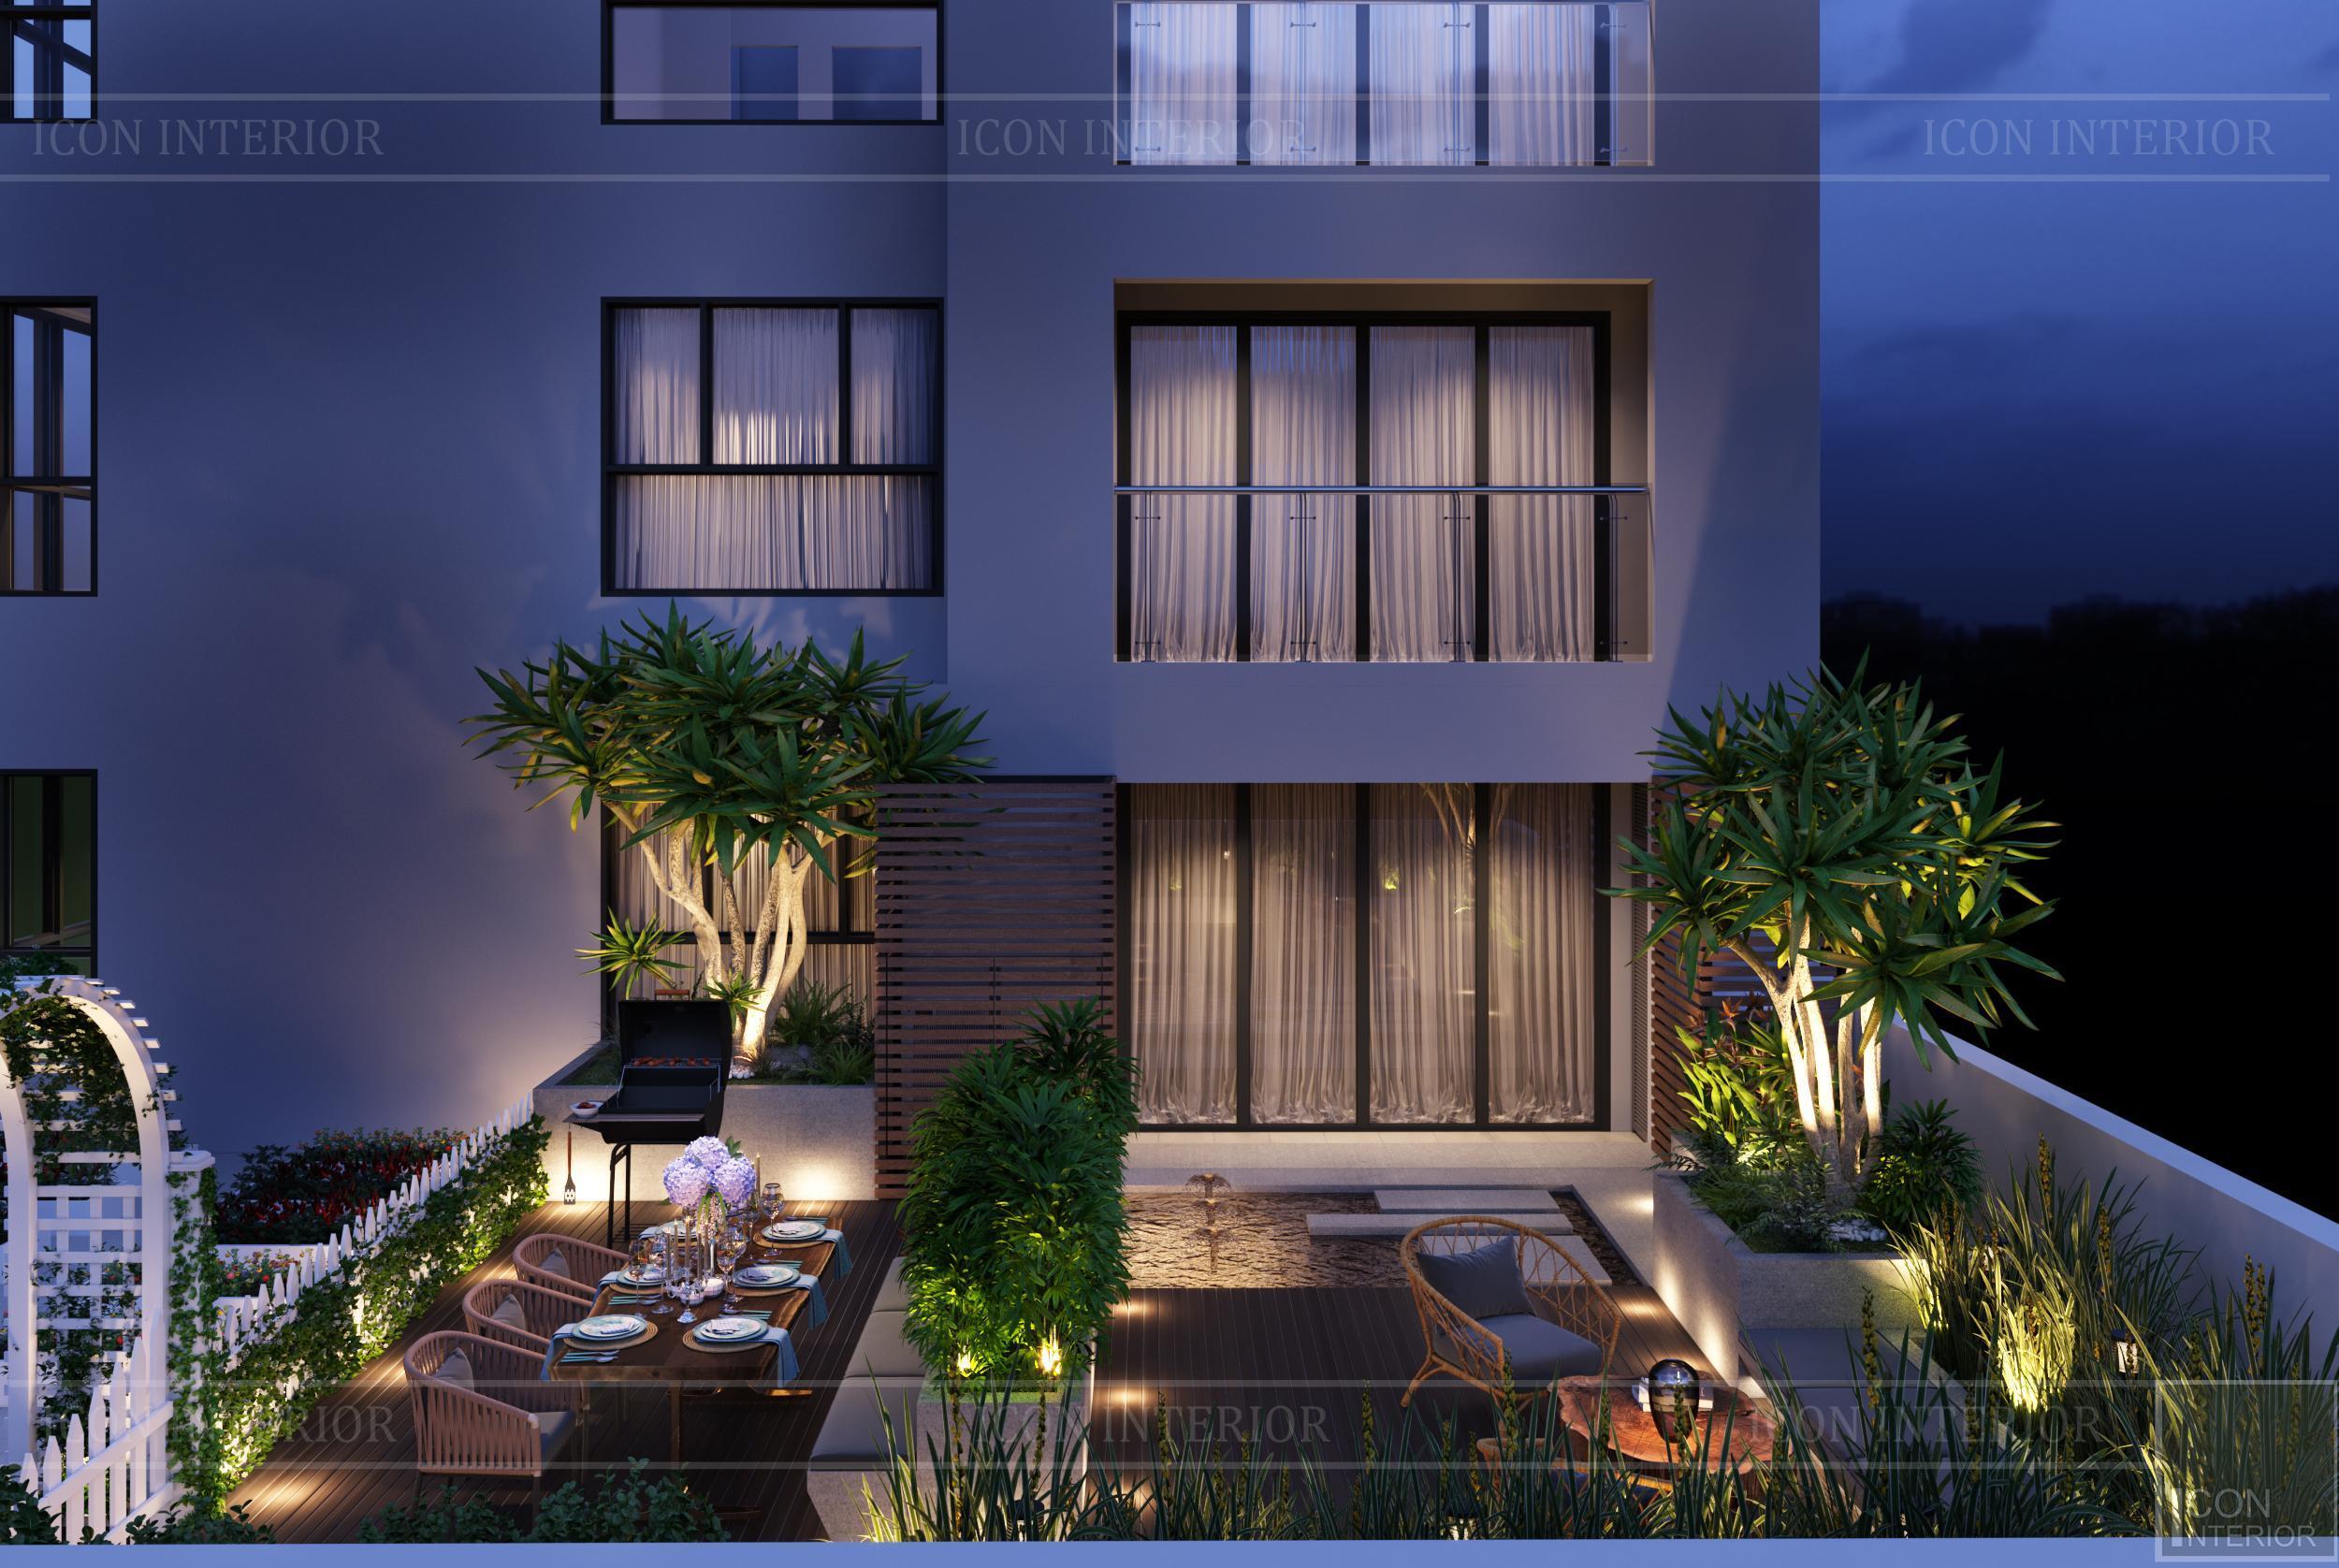 thiết kế nội thất hiện đại căn hộ kingston residence sân vườn 4